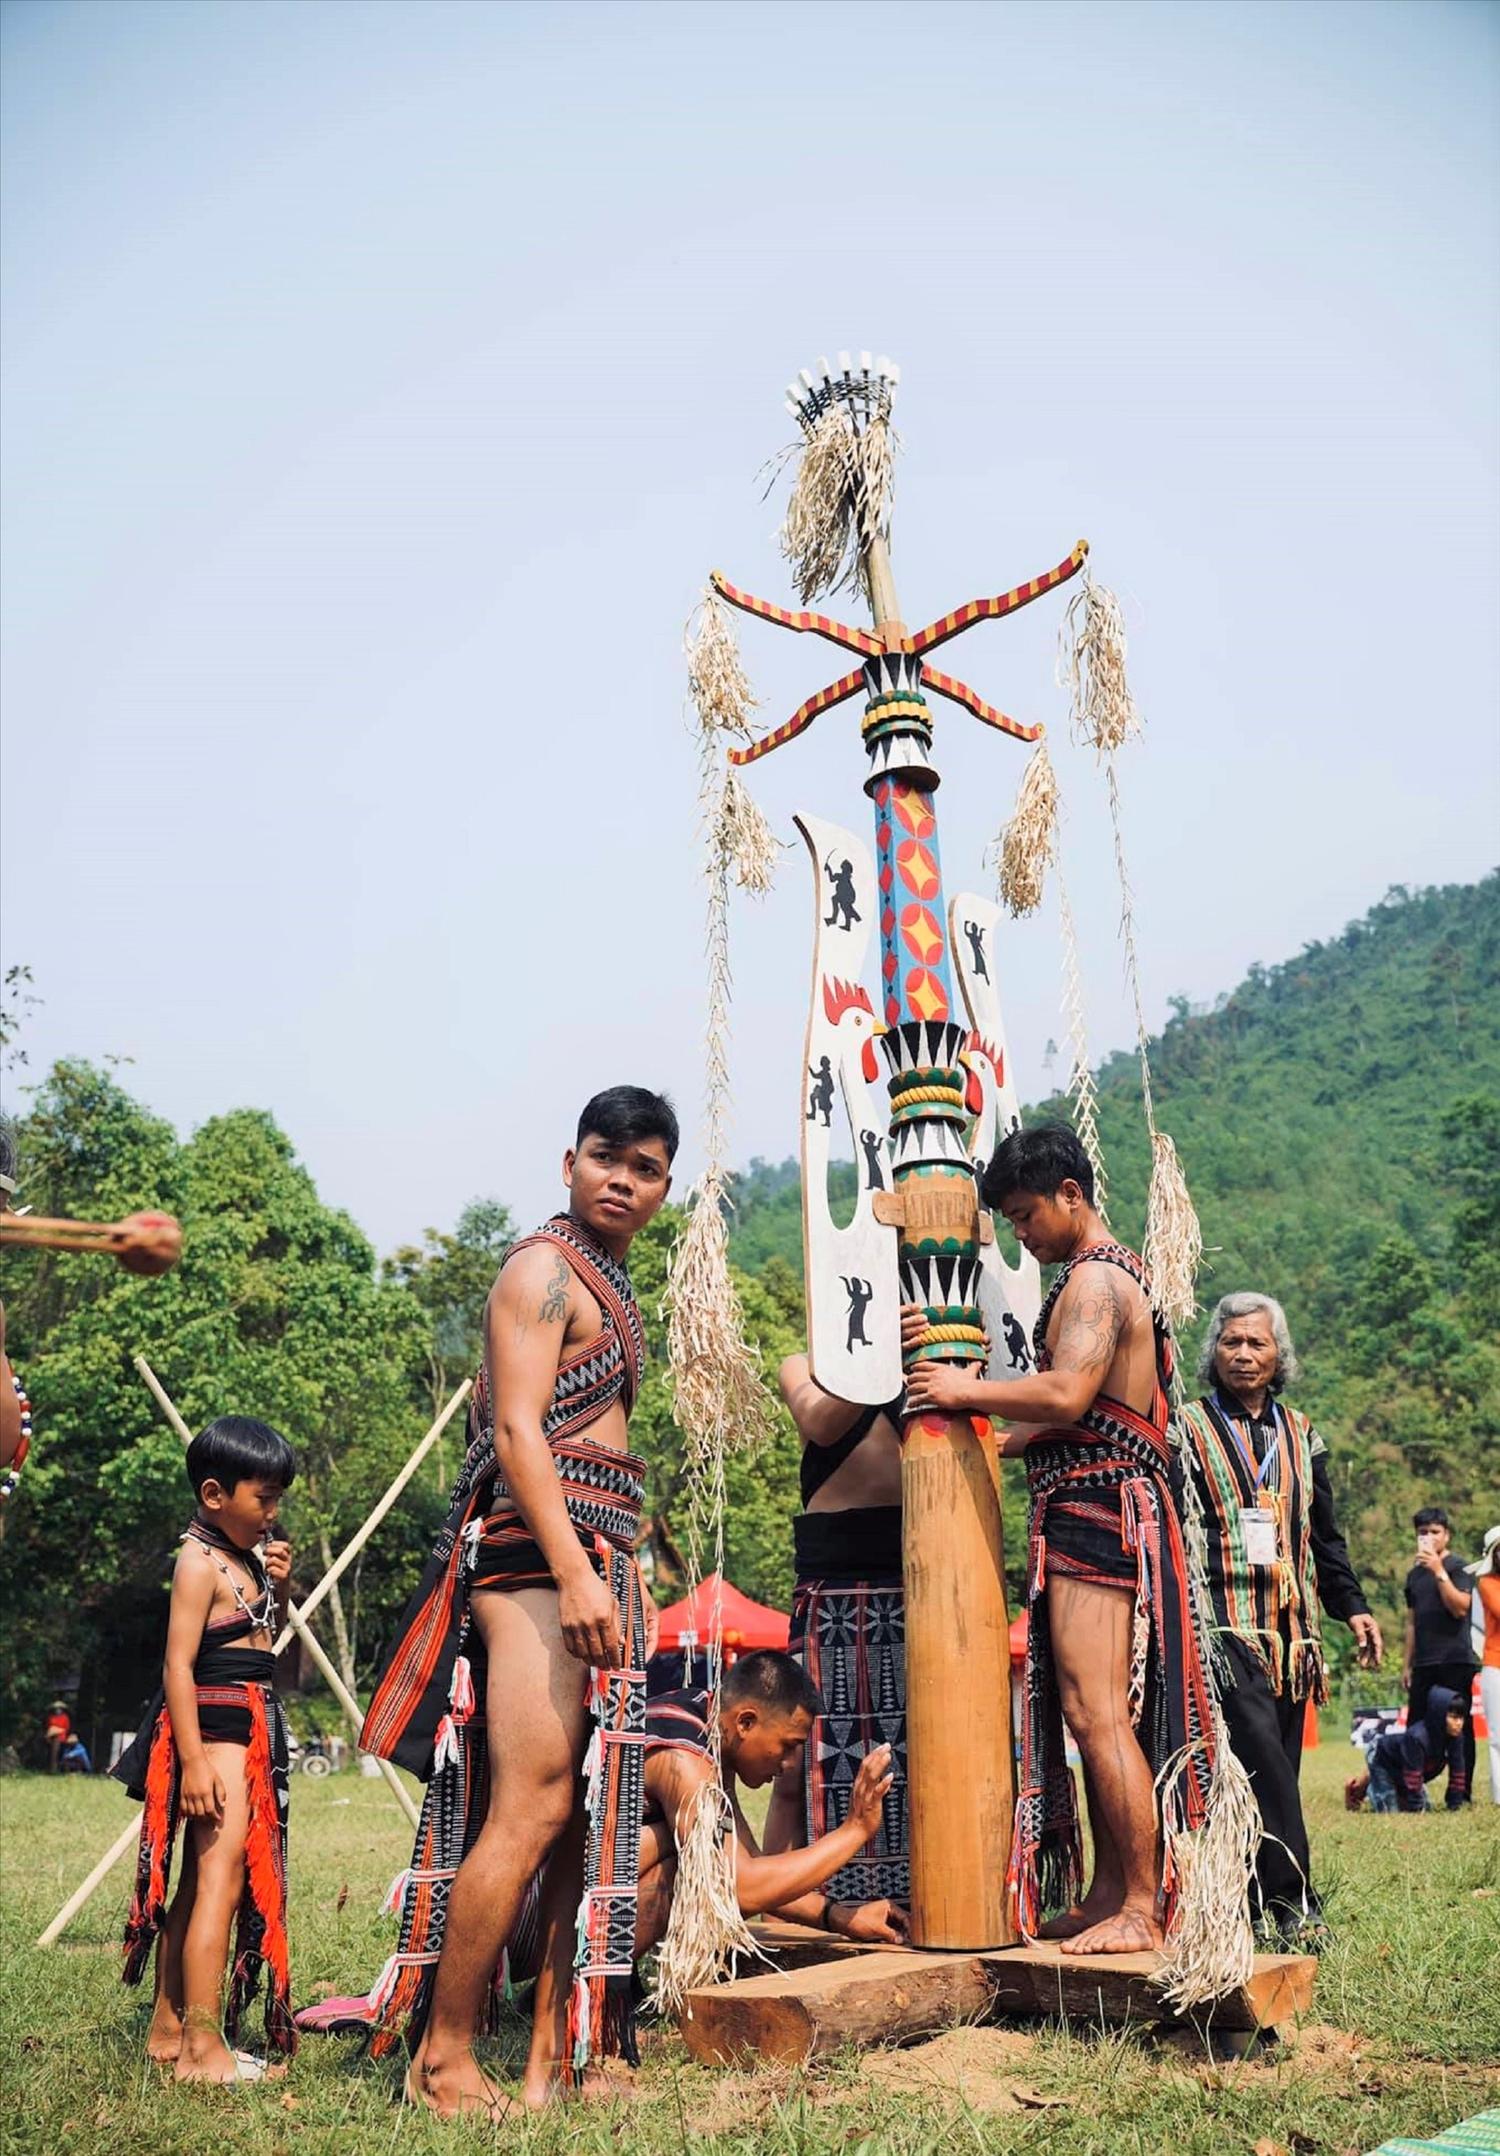 Phát triển du lịch cộng đồng không chỉ giúp đồng bào Cơ Tu ở làng truyền thống Toom Sara tăng thêm thu nhập mà còn góp phần bảo tồn văn hóa truyền thống của dân tộc.